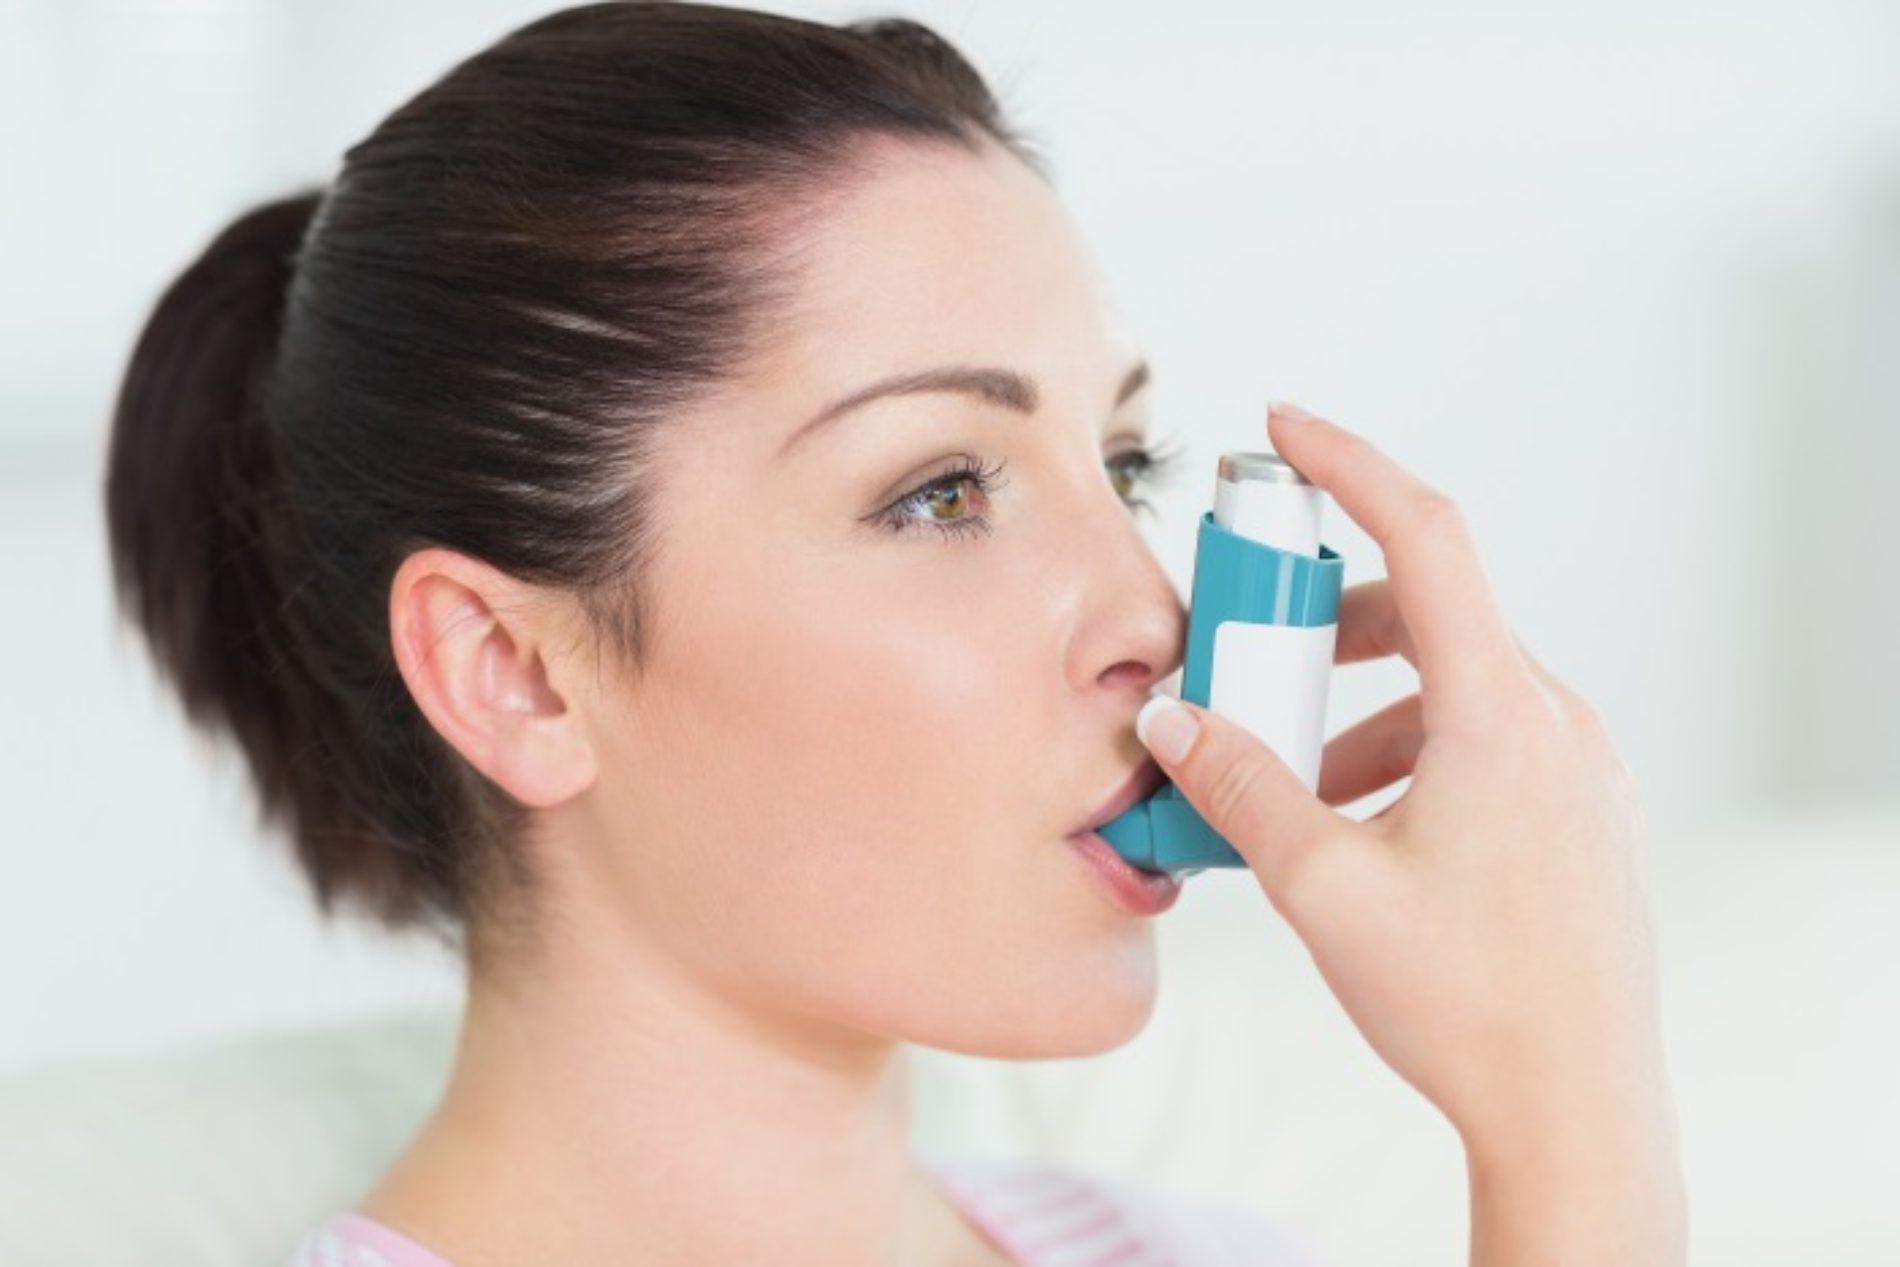 E-cig e asma: ecco le prime prove sulle migliorate condizioni respiratorie negli asmatici fumatori